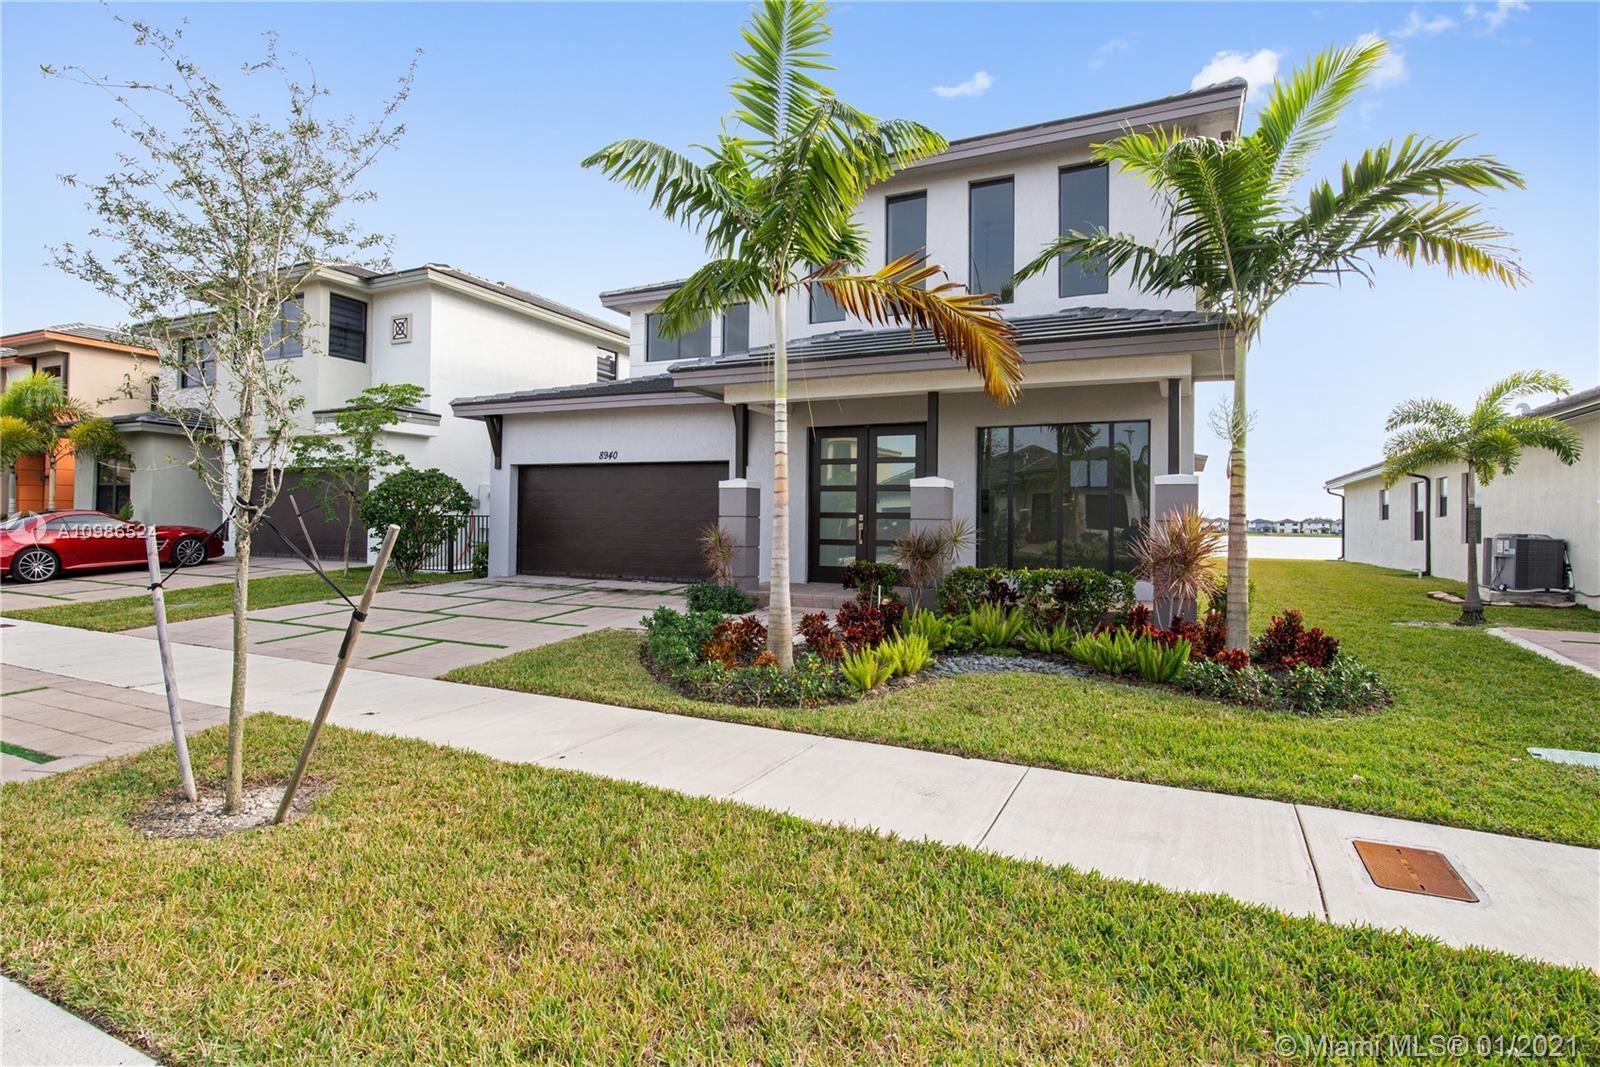 8940 NW 160th Ter, Miami Lakes, FL 33018 - #: A10986524